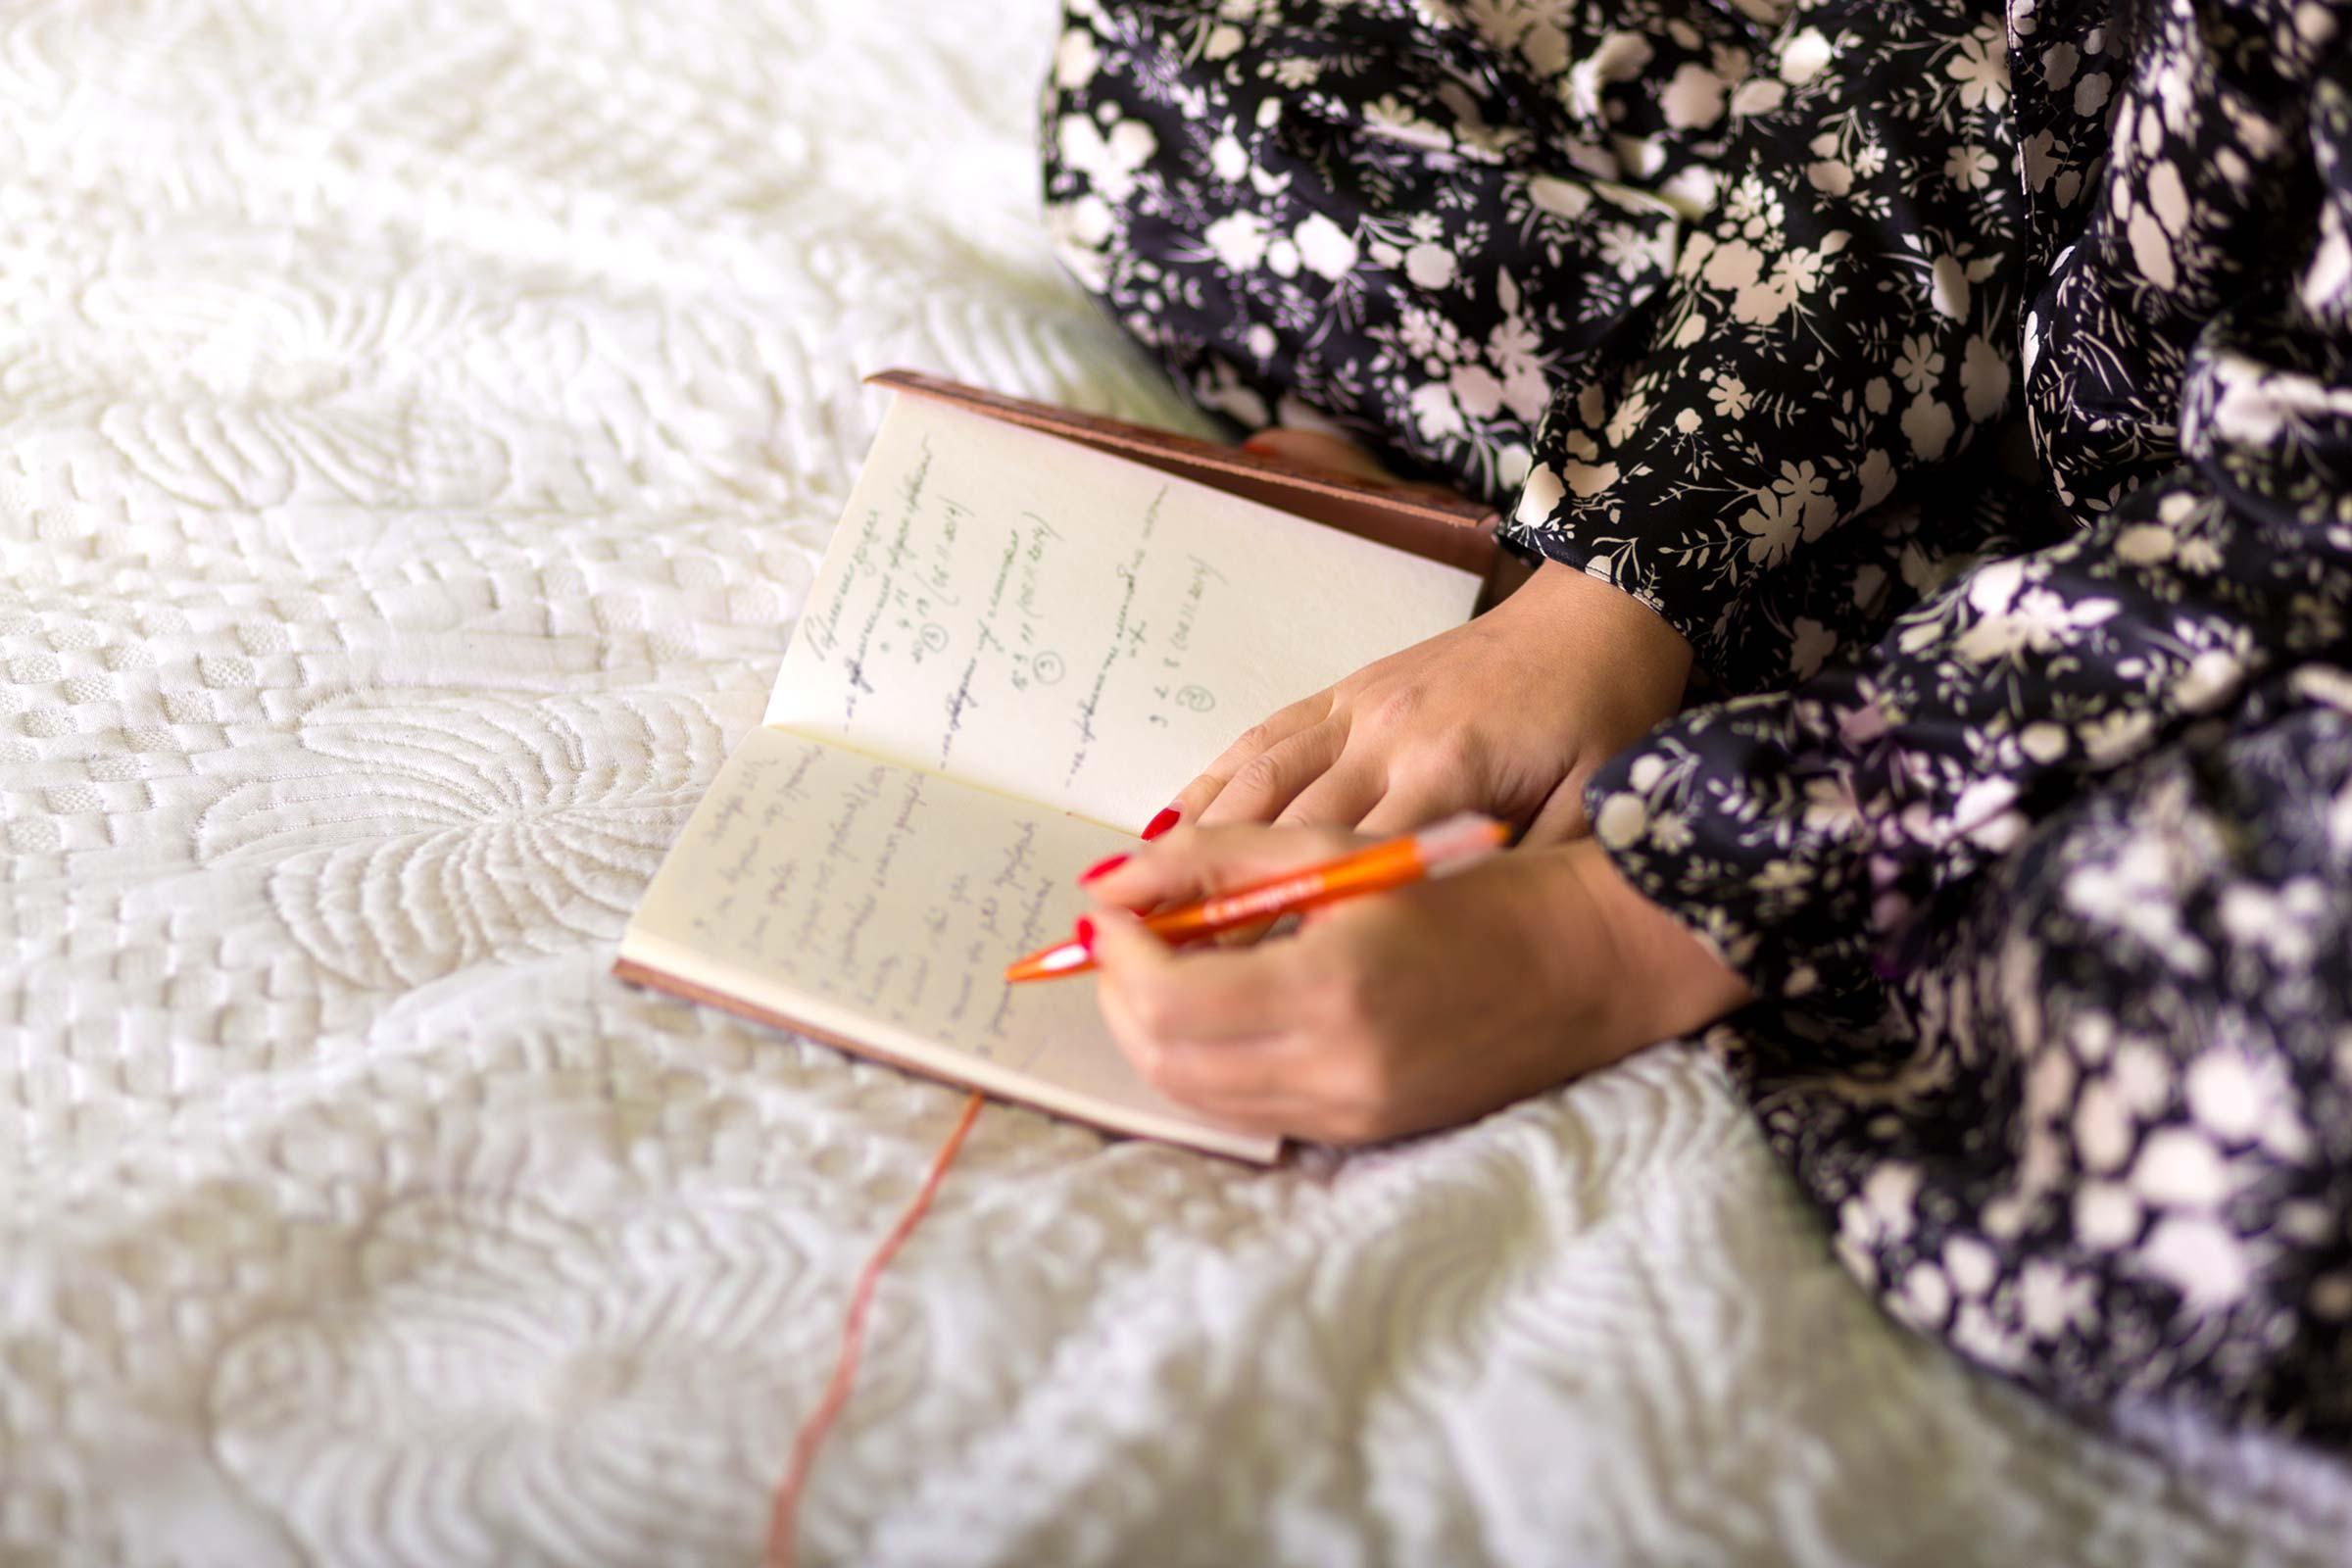 ترفندهای عجیب برای حل مشکل بیخوابی